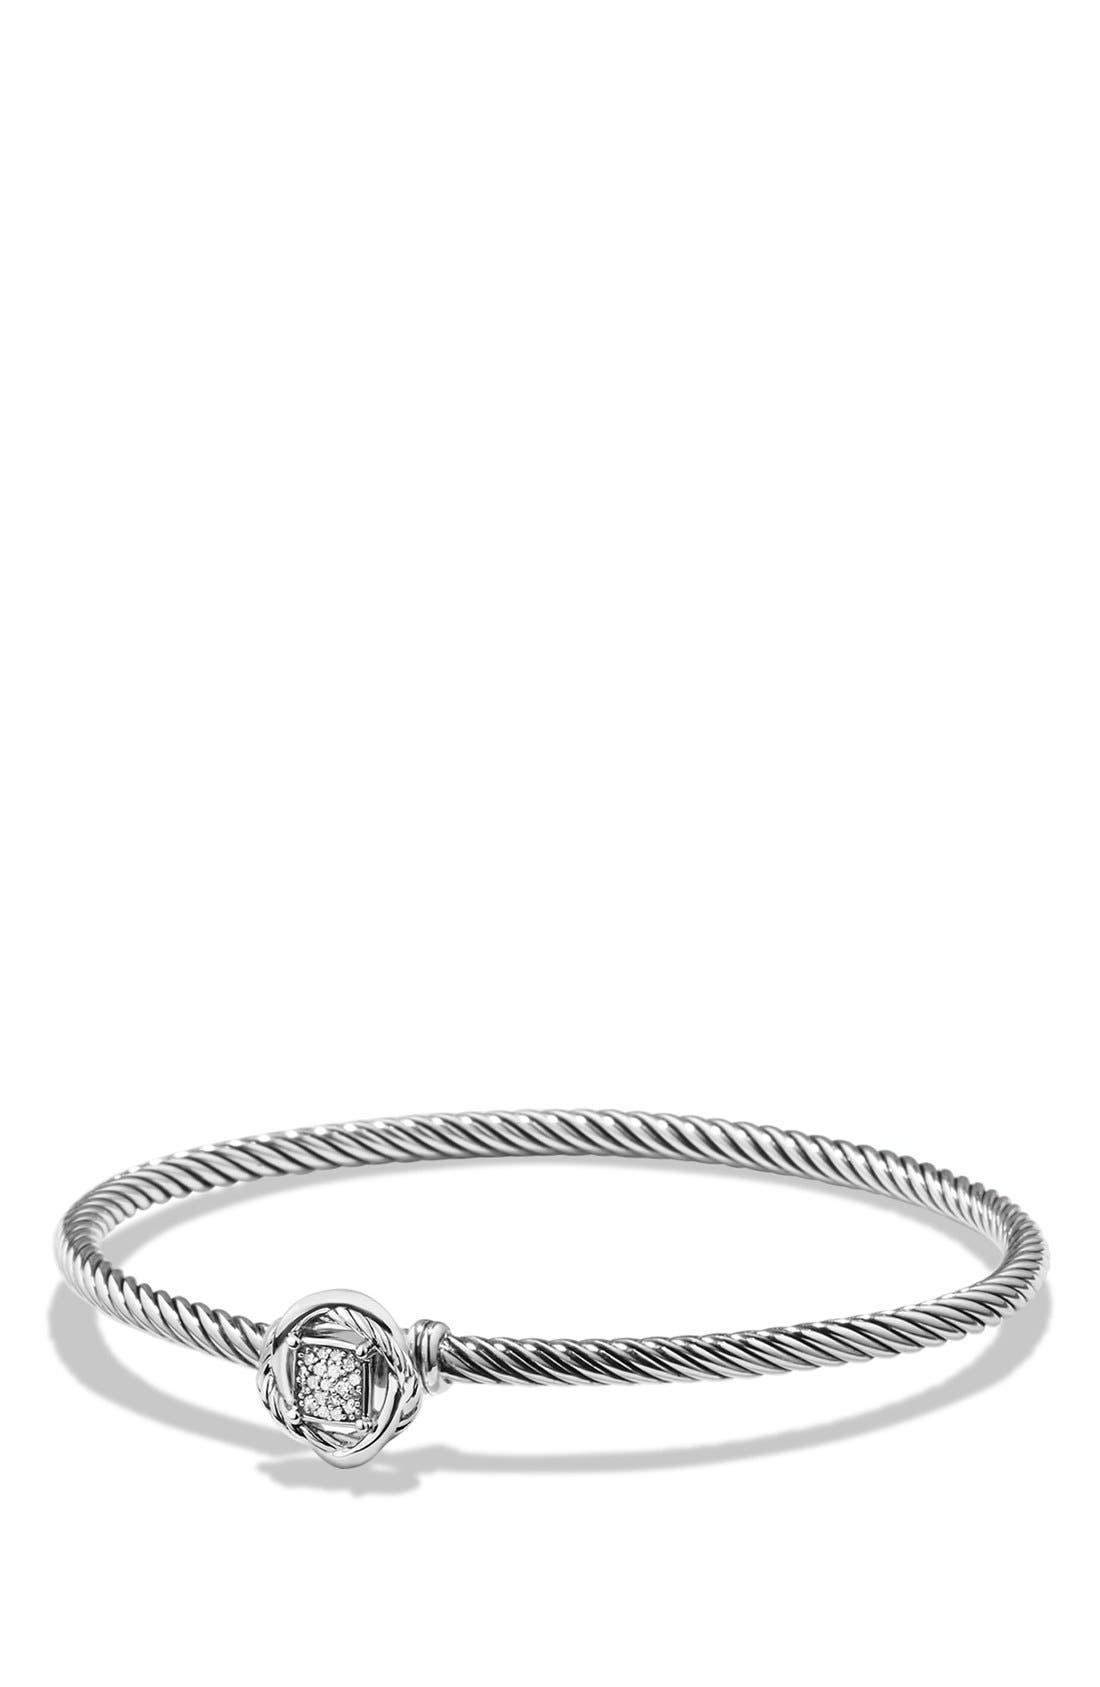 David Yurman'Infinity' Bracelet with Diamonds